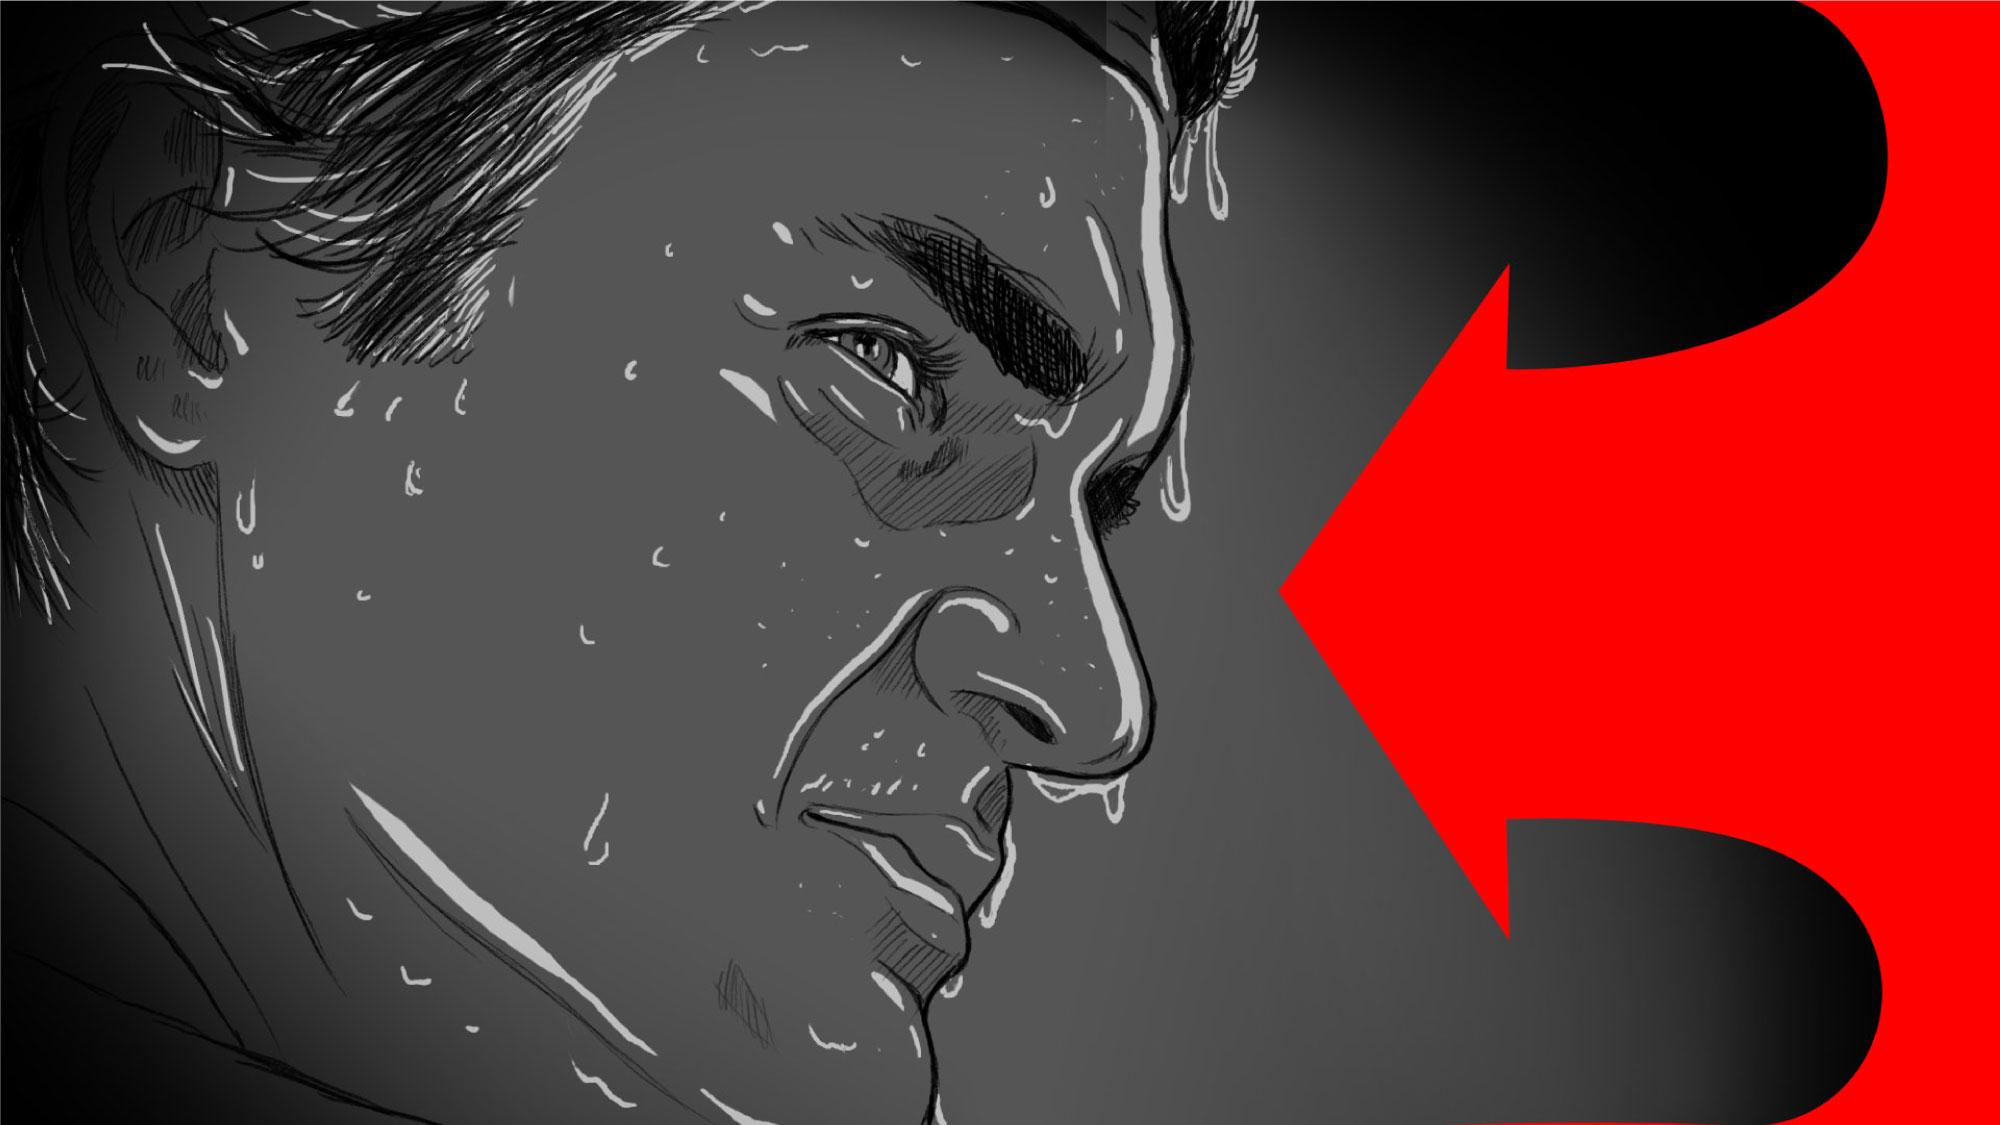 Illustration of Roger Federer in storyboard, close-up